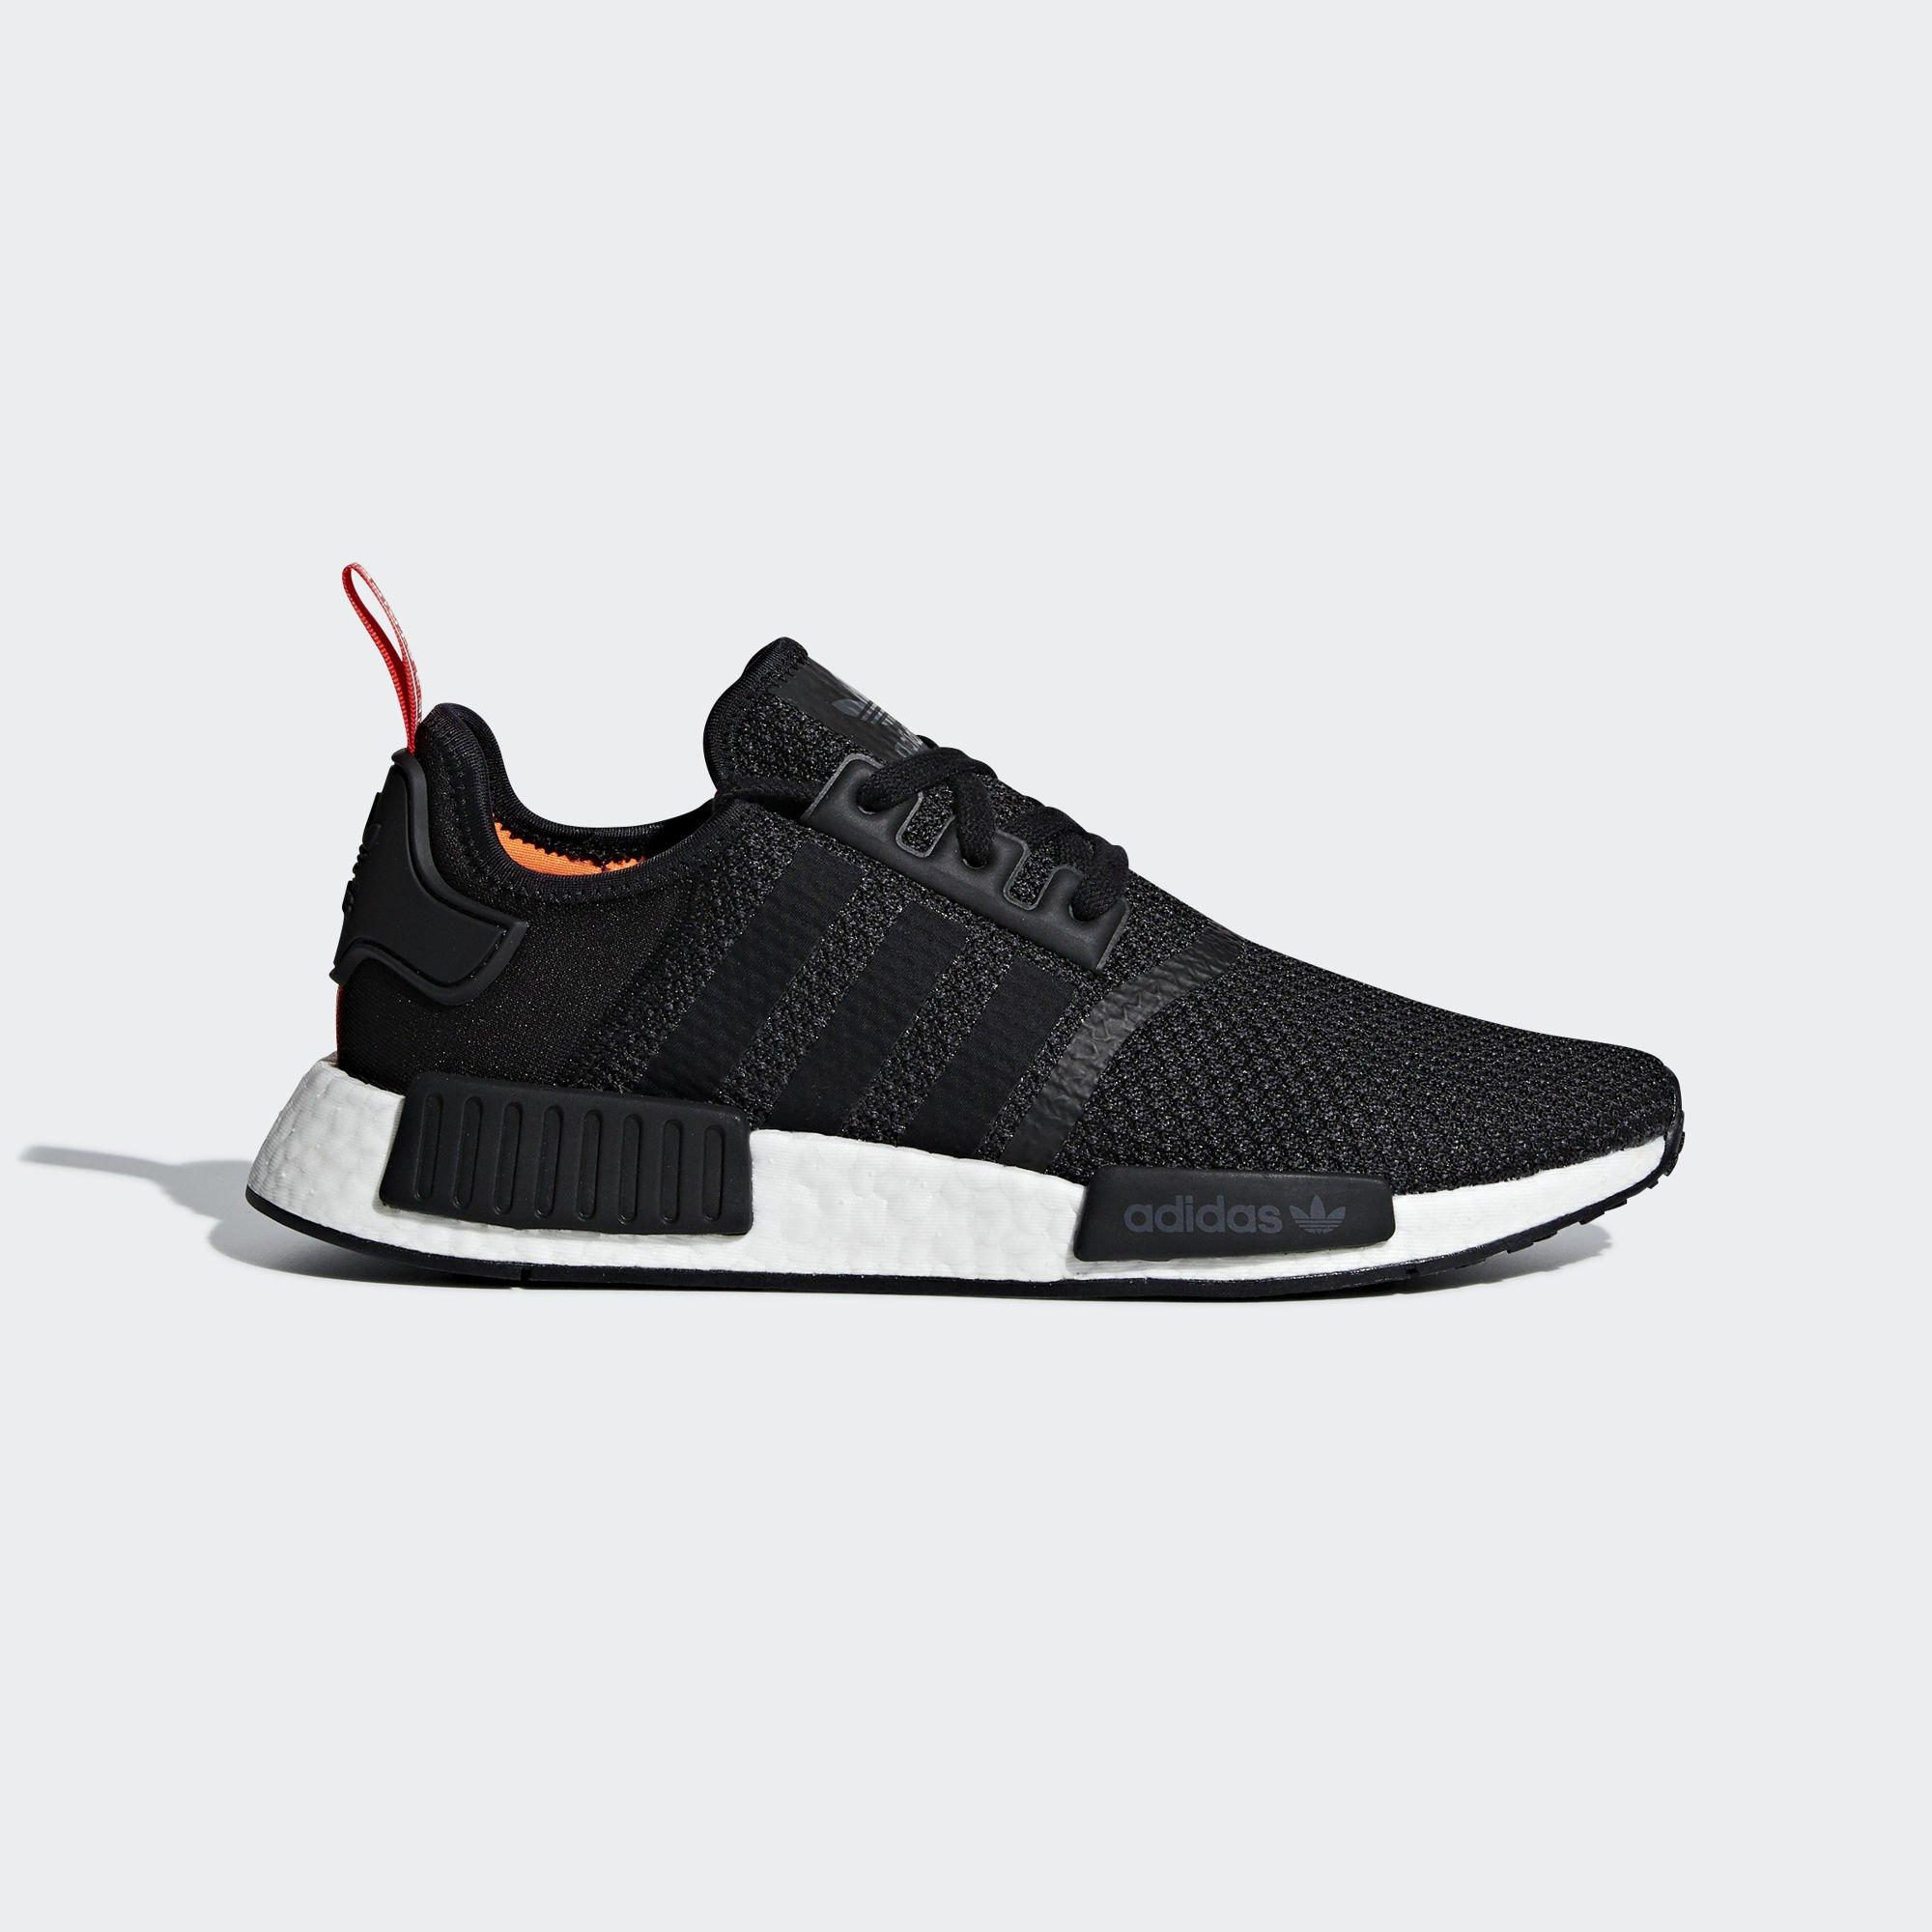 adidas NMD_R1 'Black' (B37621)